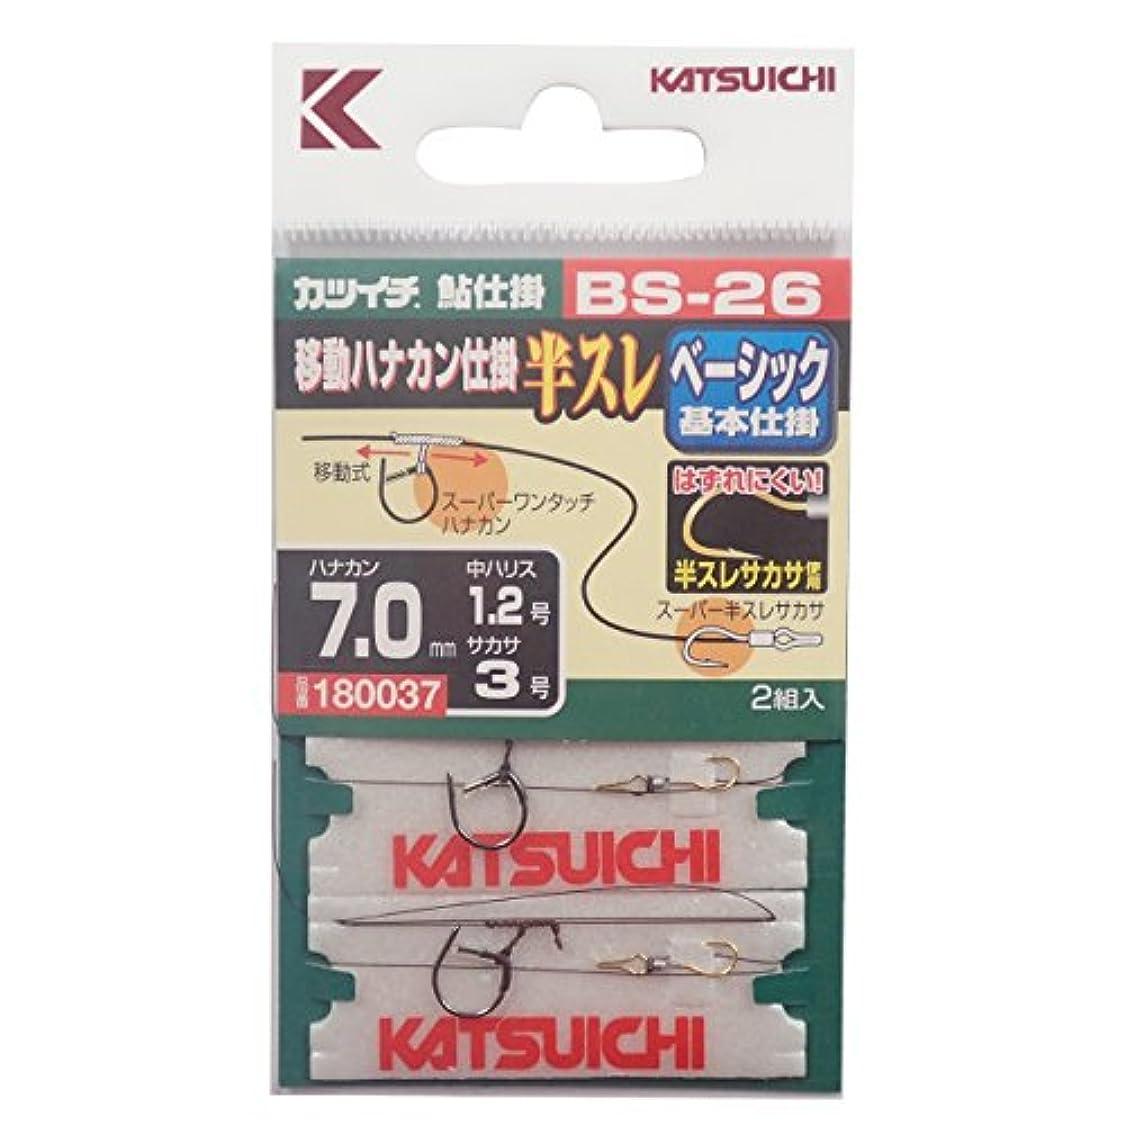 カツイチ(KATSUICHI) 移動ハナカン仕掛半スレ BS-26 7-1.2